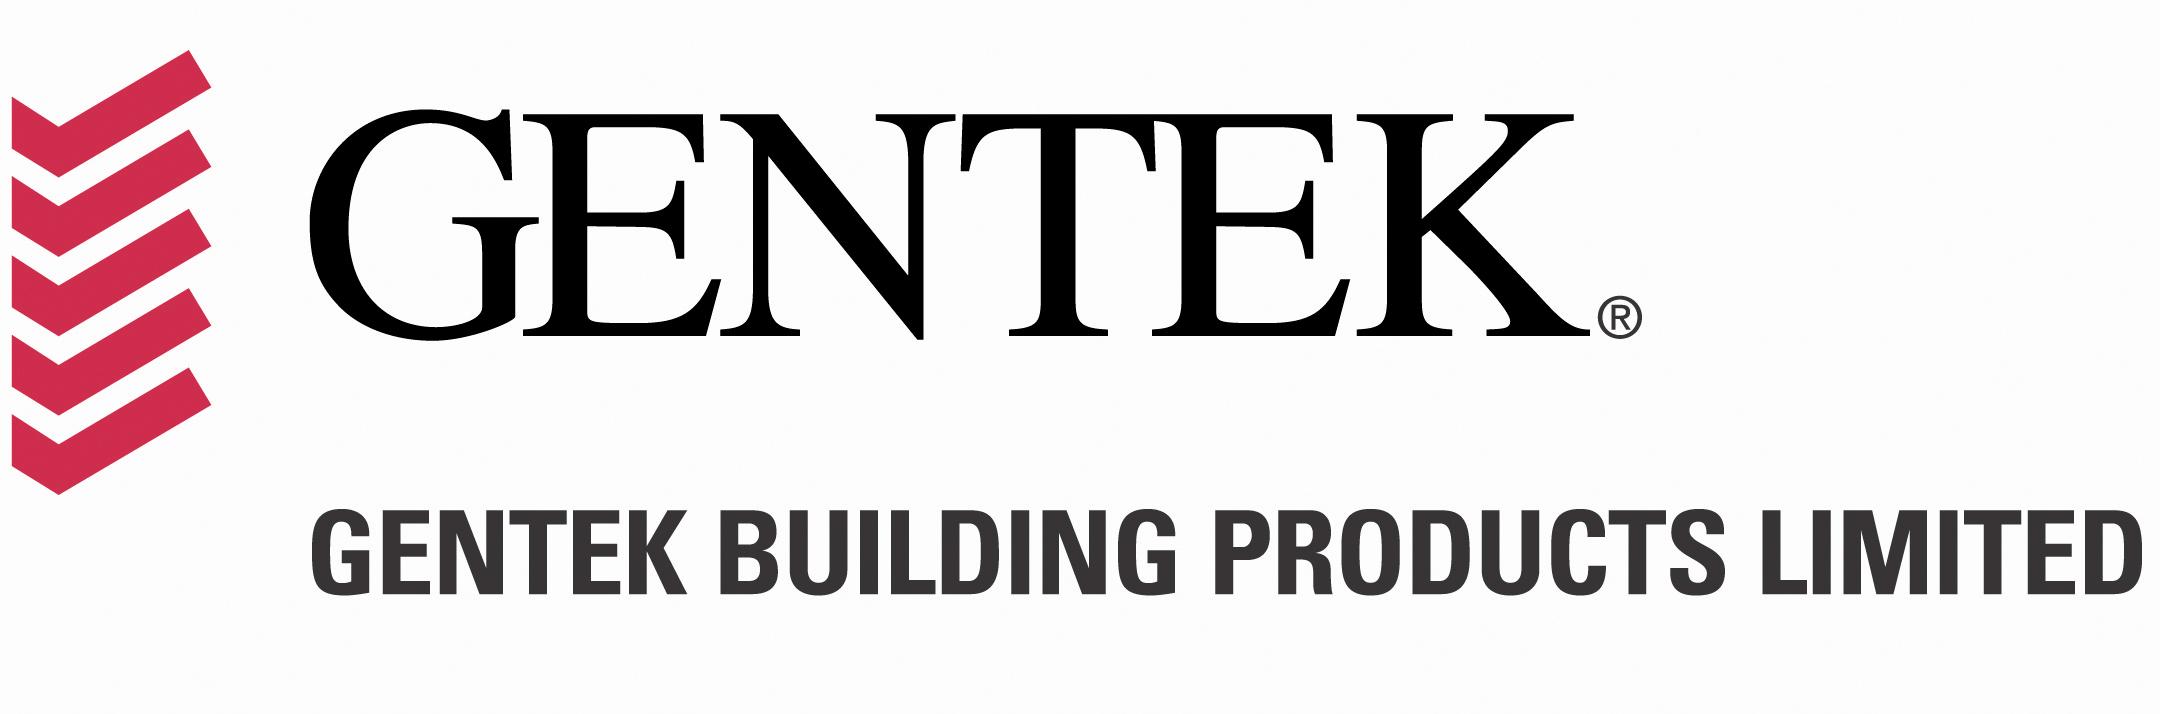 Gentek: Gentek Building Products Limited